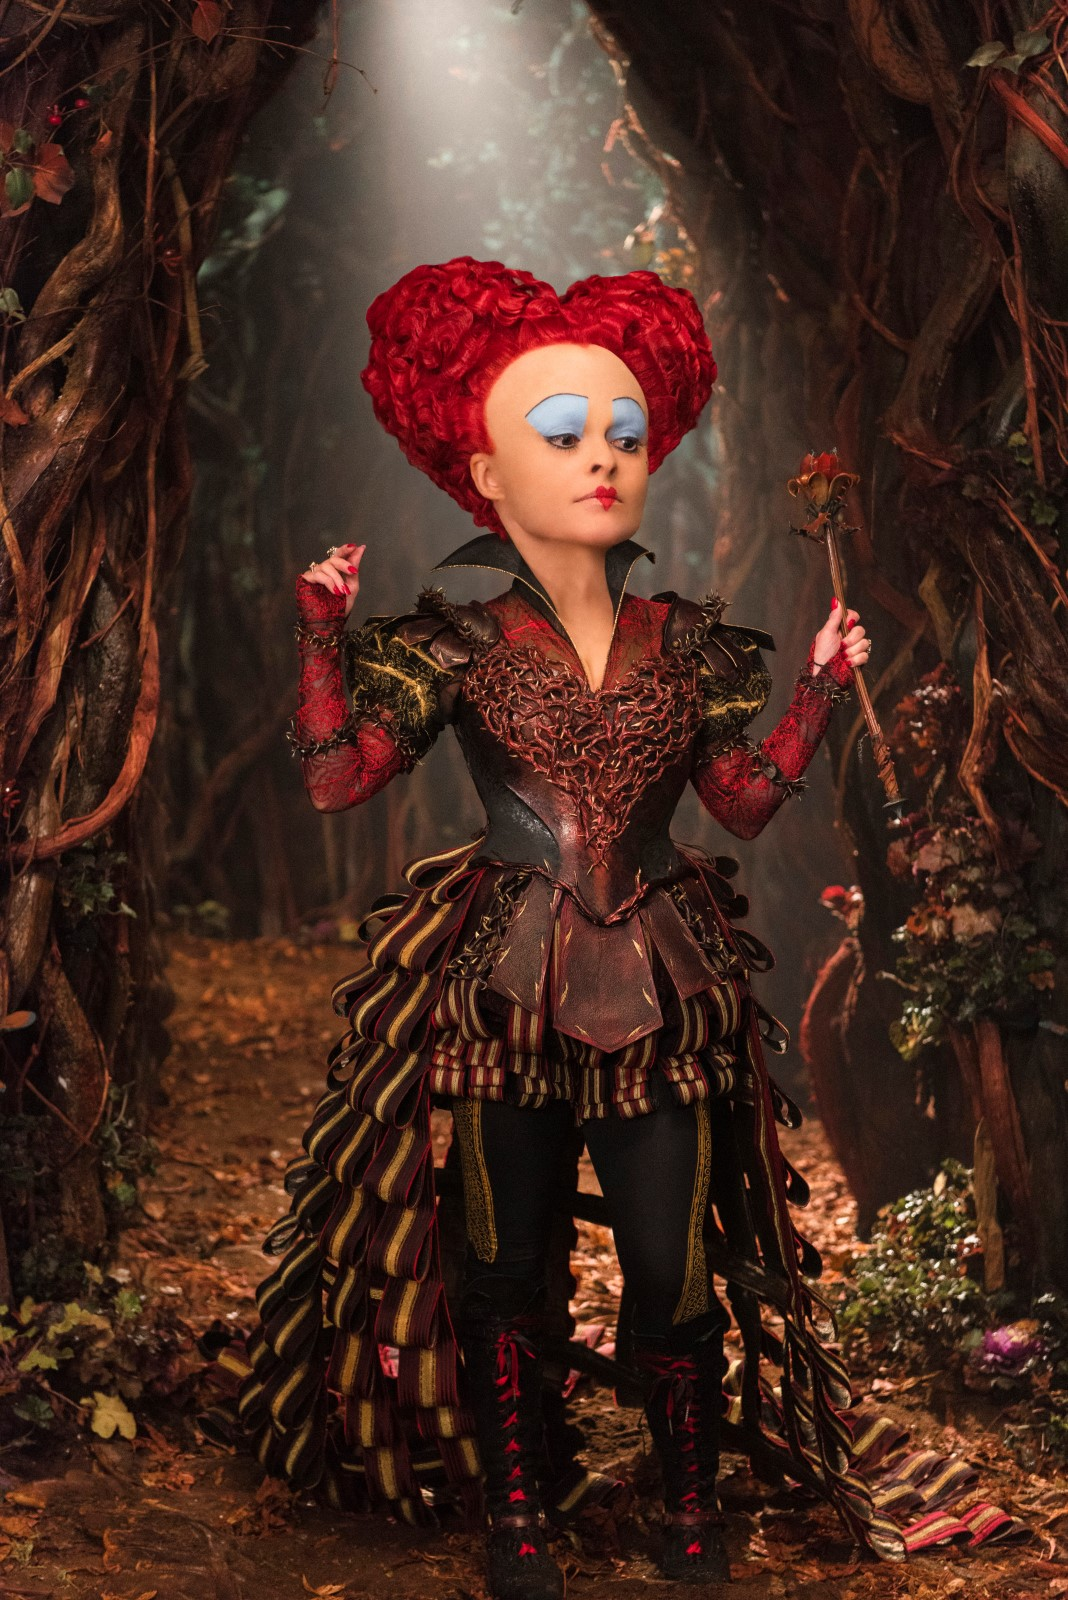 Alice im Wunderland 2: Hinter den Spiegeln : Bild Helena ... Helena Bonham Carter